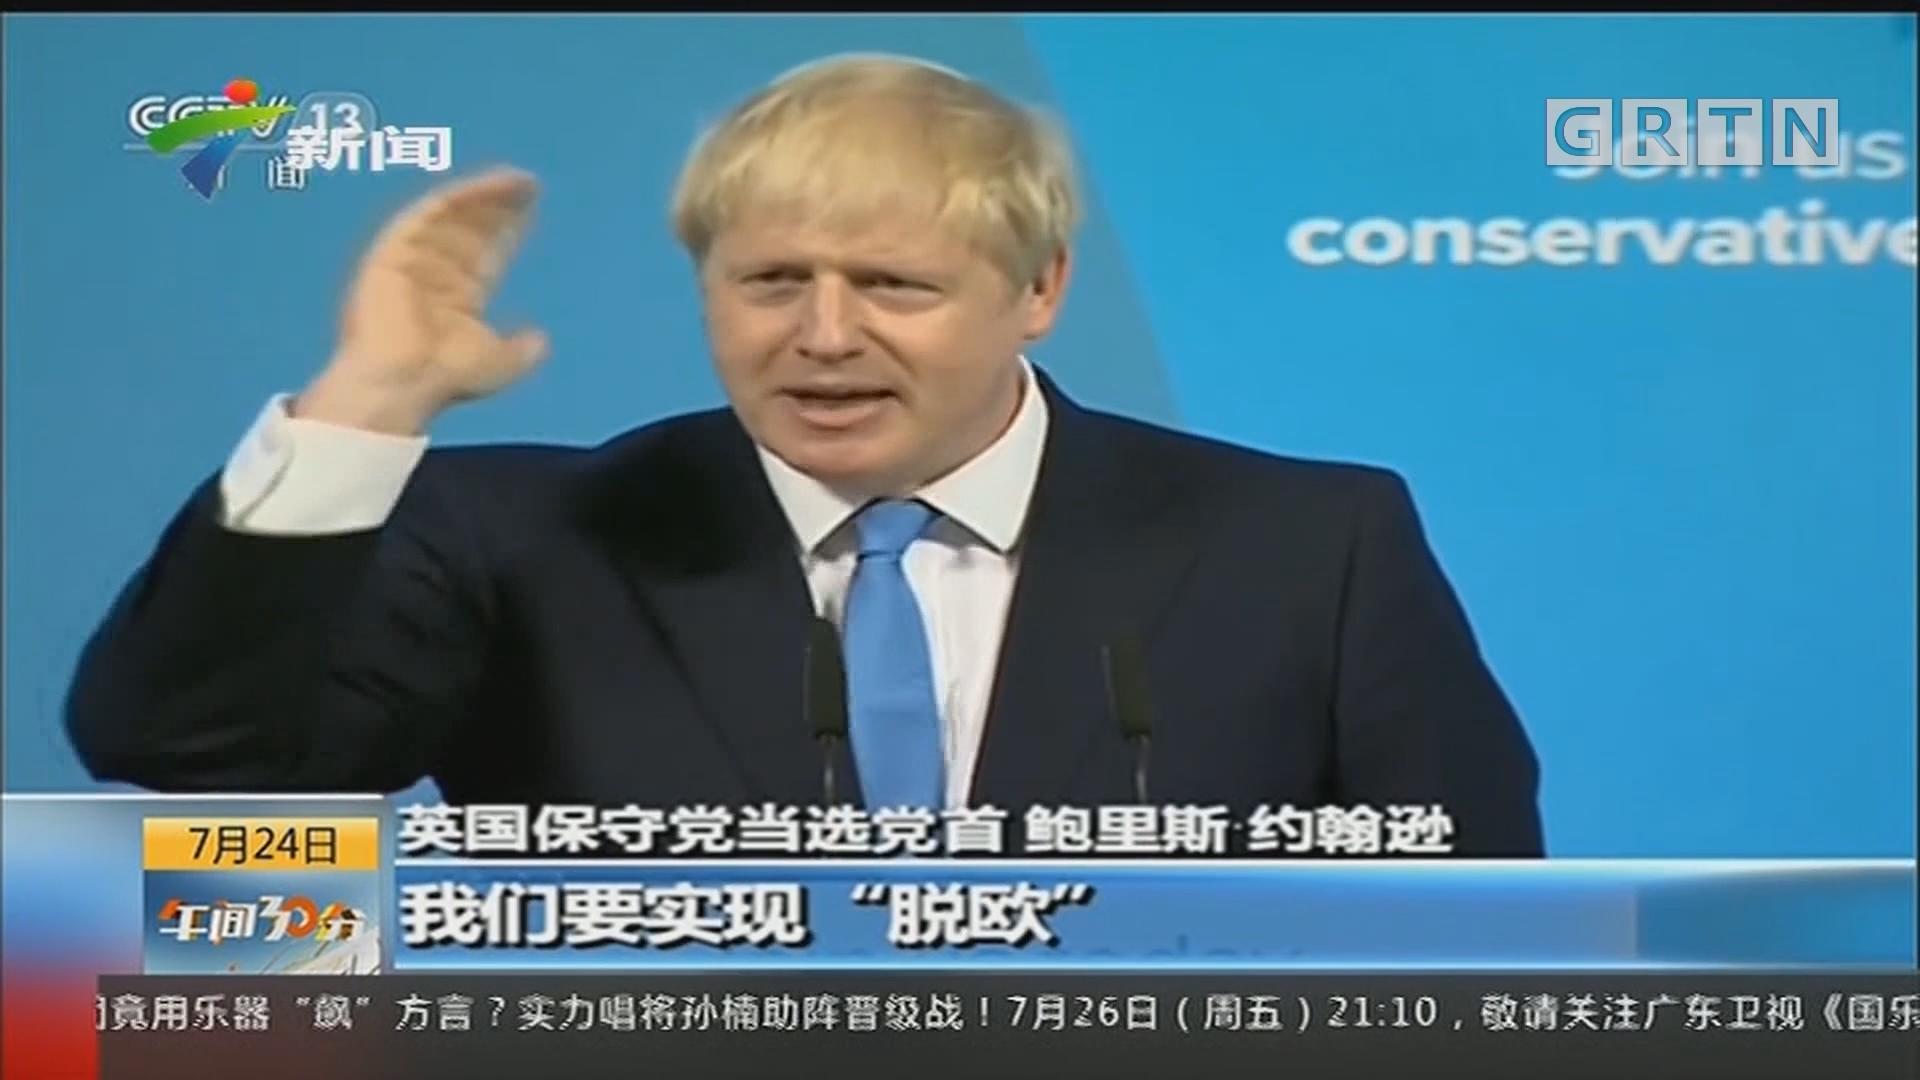 """鲍里斯·约翰逊当选英执政党新党首:英国""""无协议脱欧""""可能性加大"""